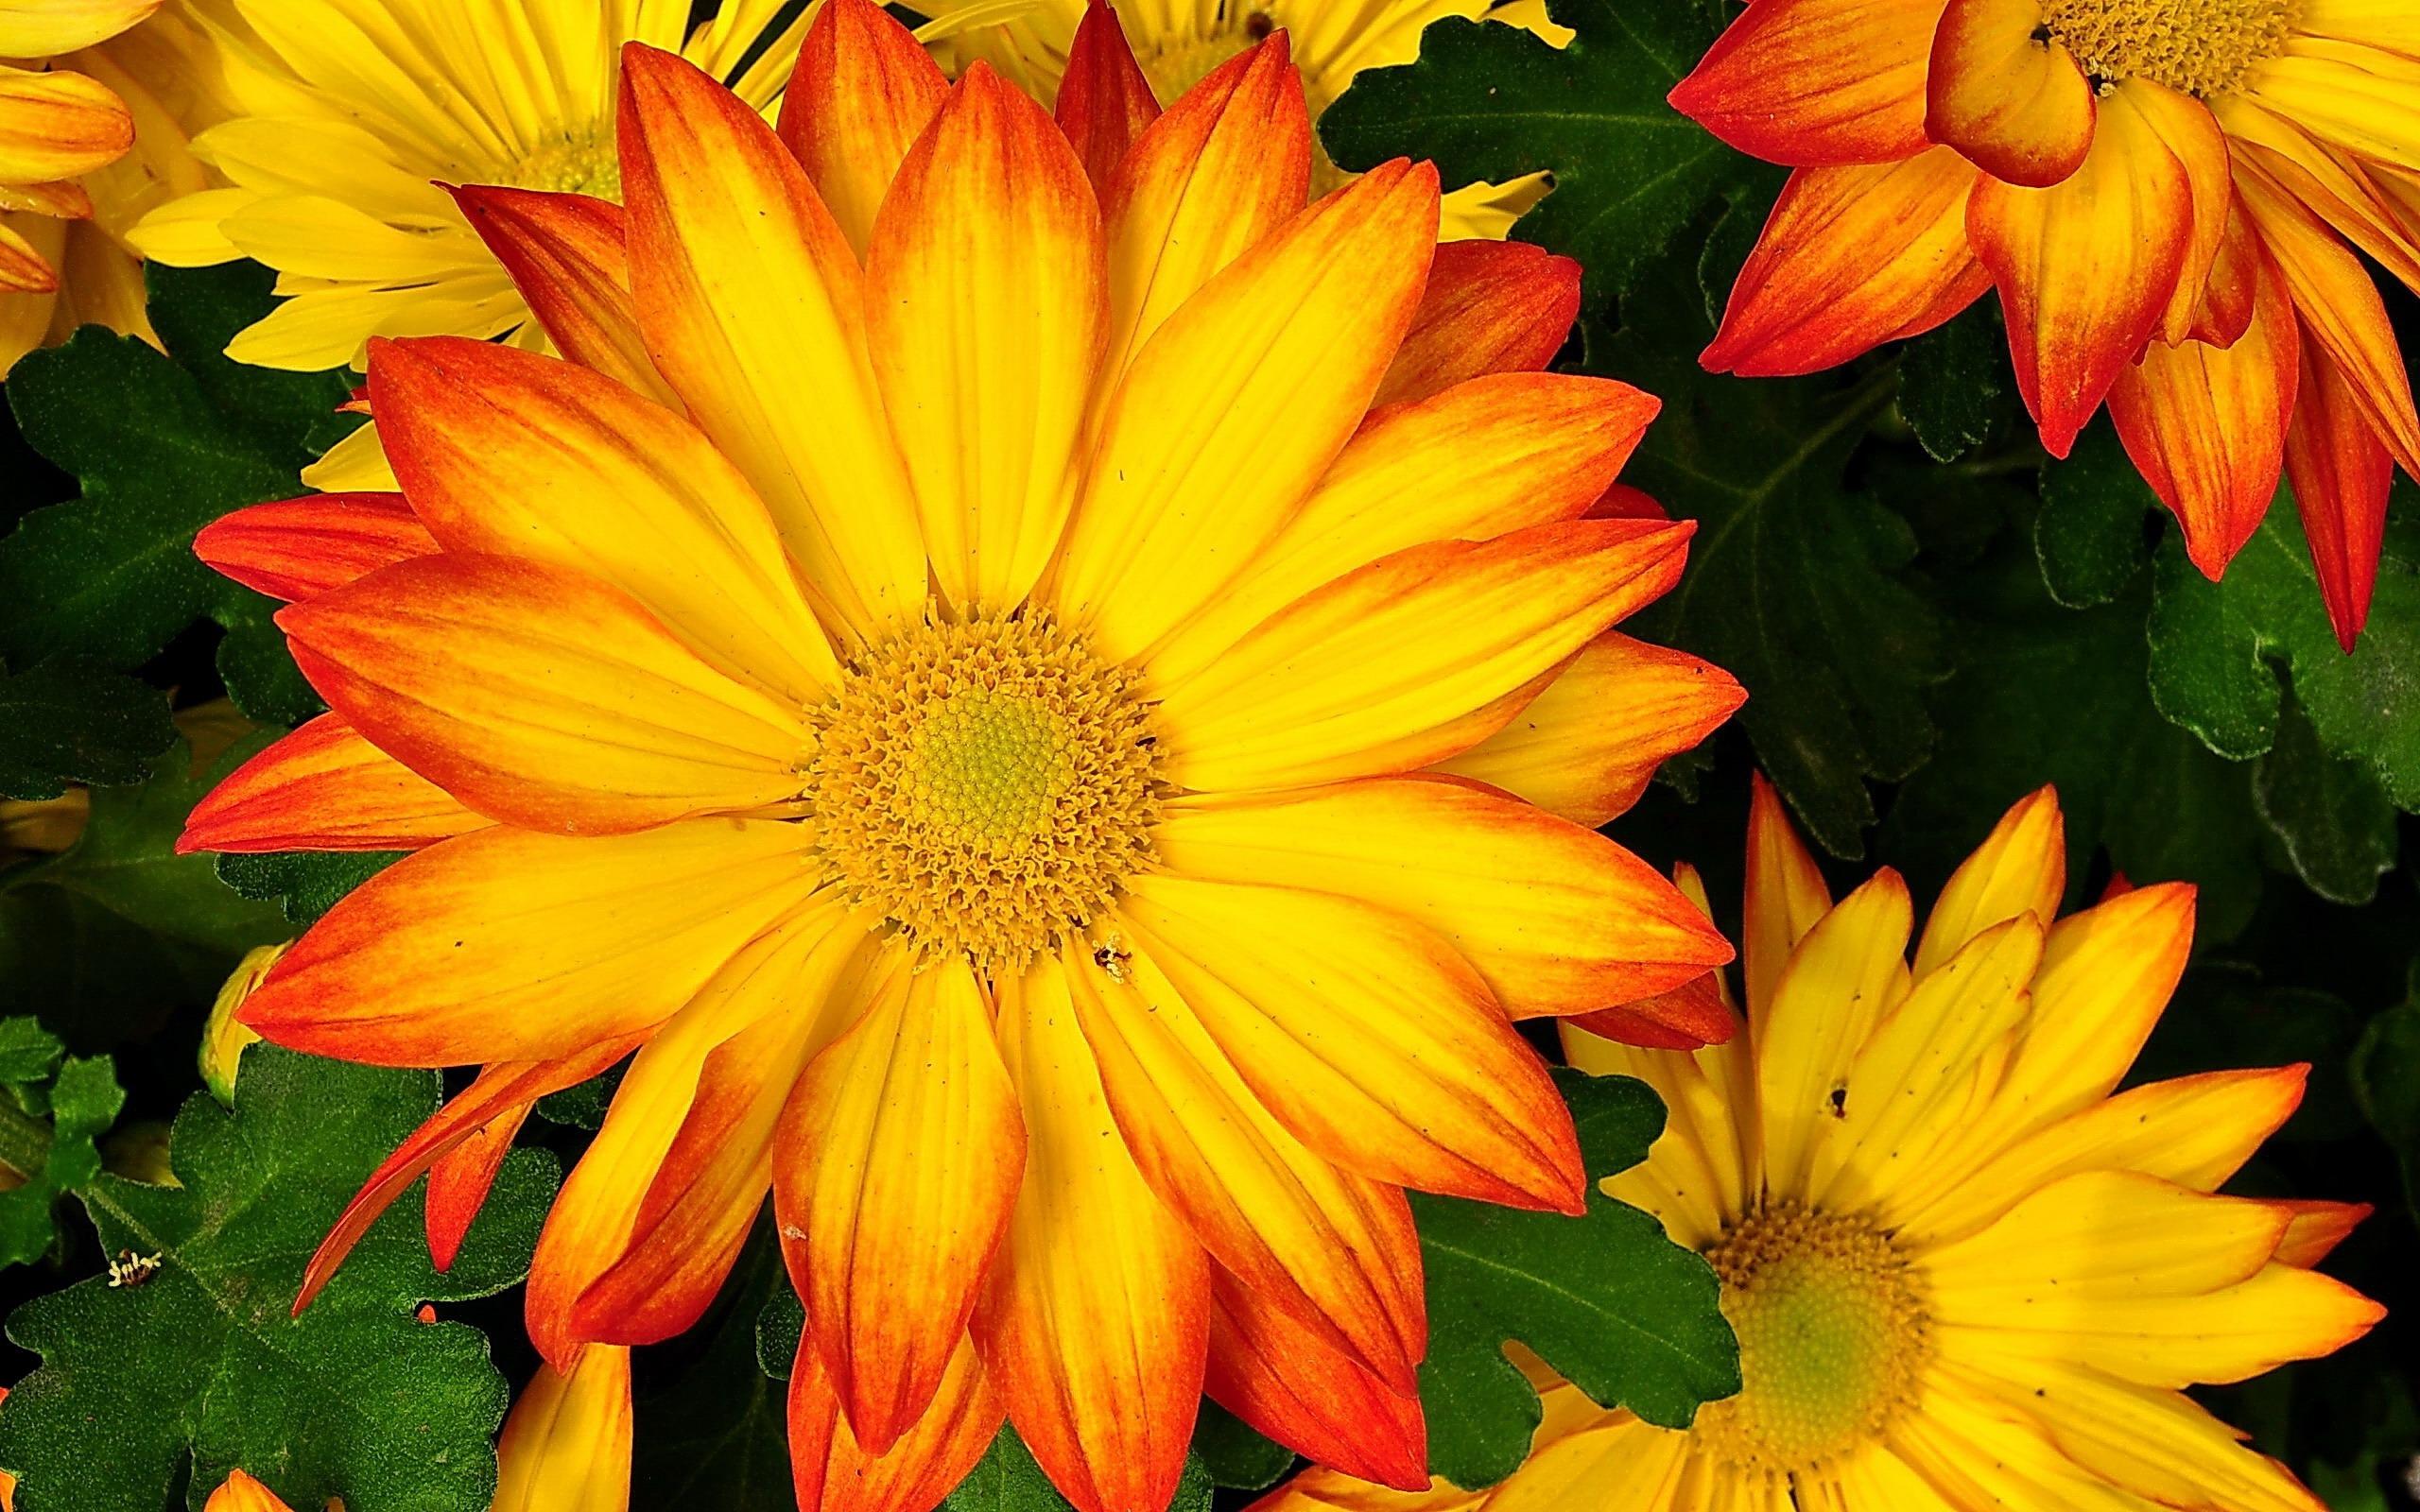 Обои на рабочий стол Цветы хризантемы   подборка (17)